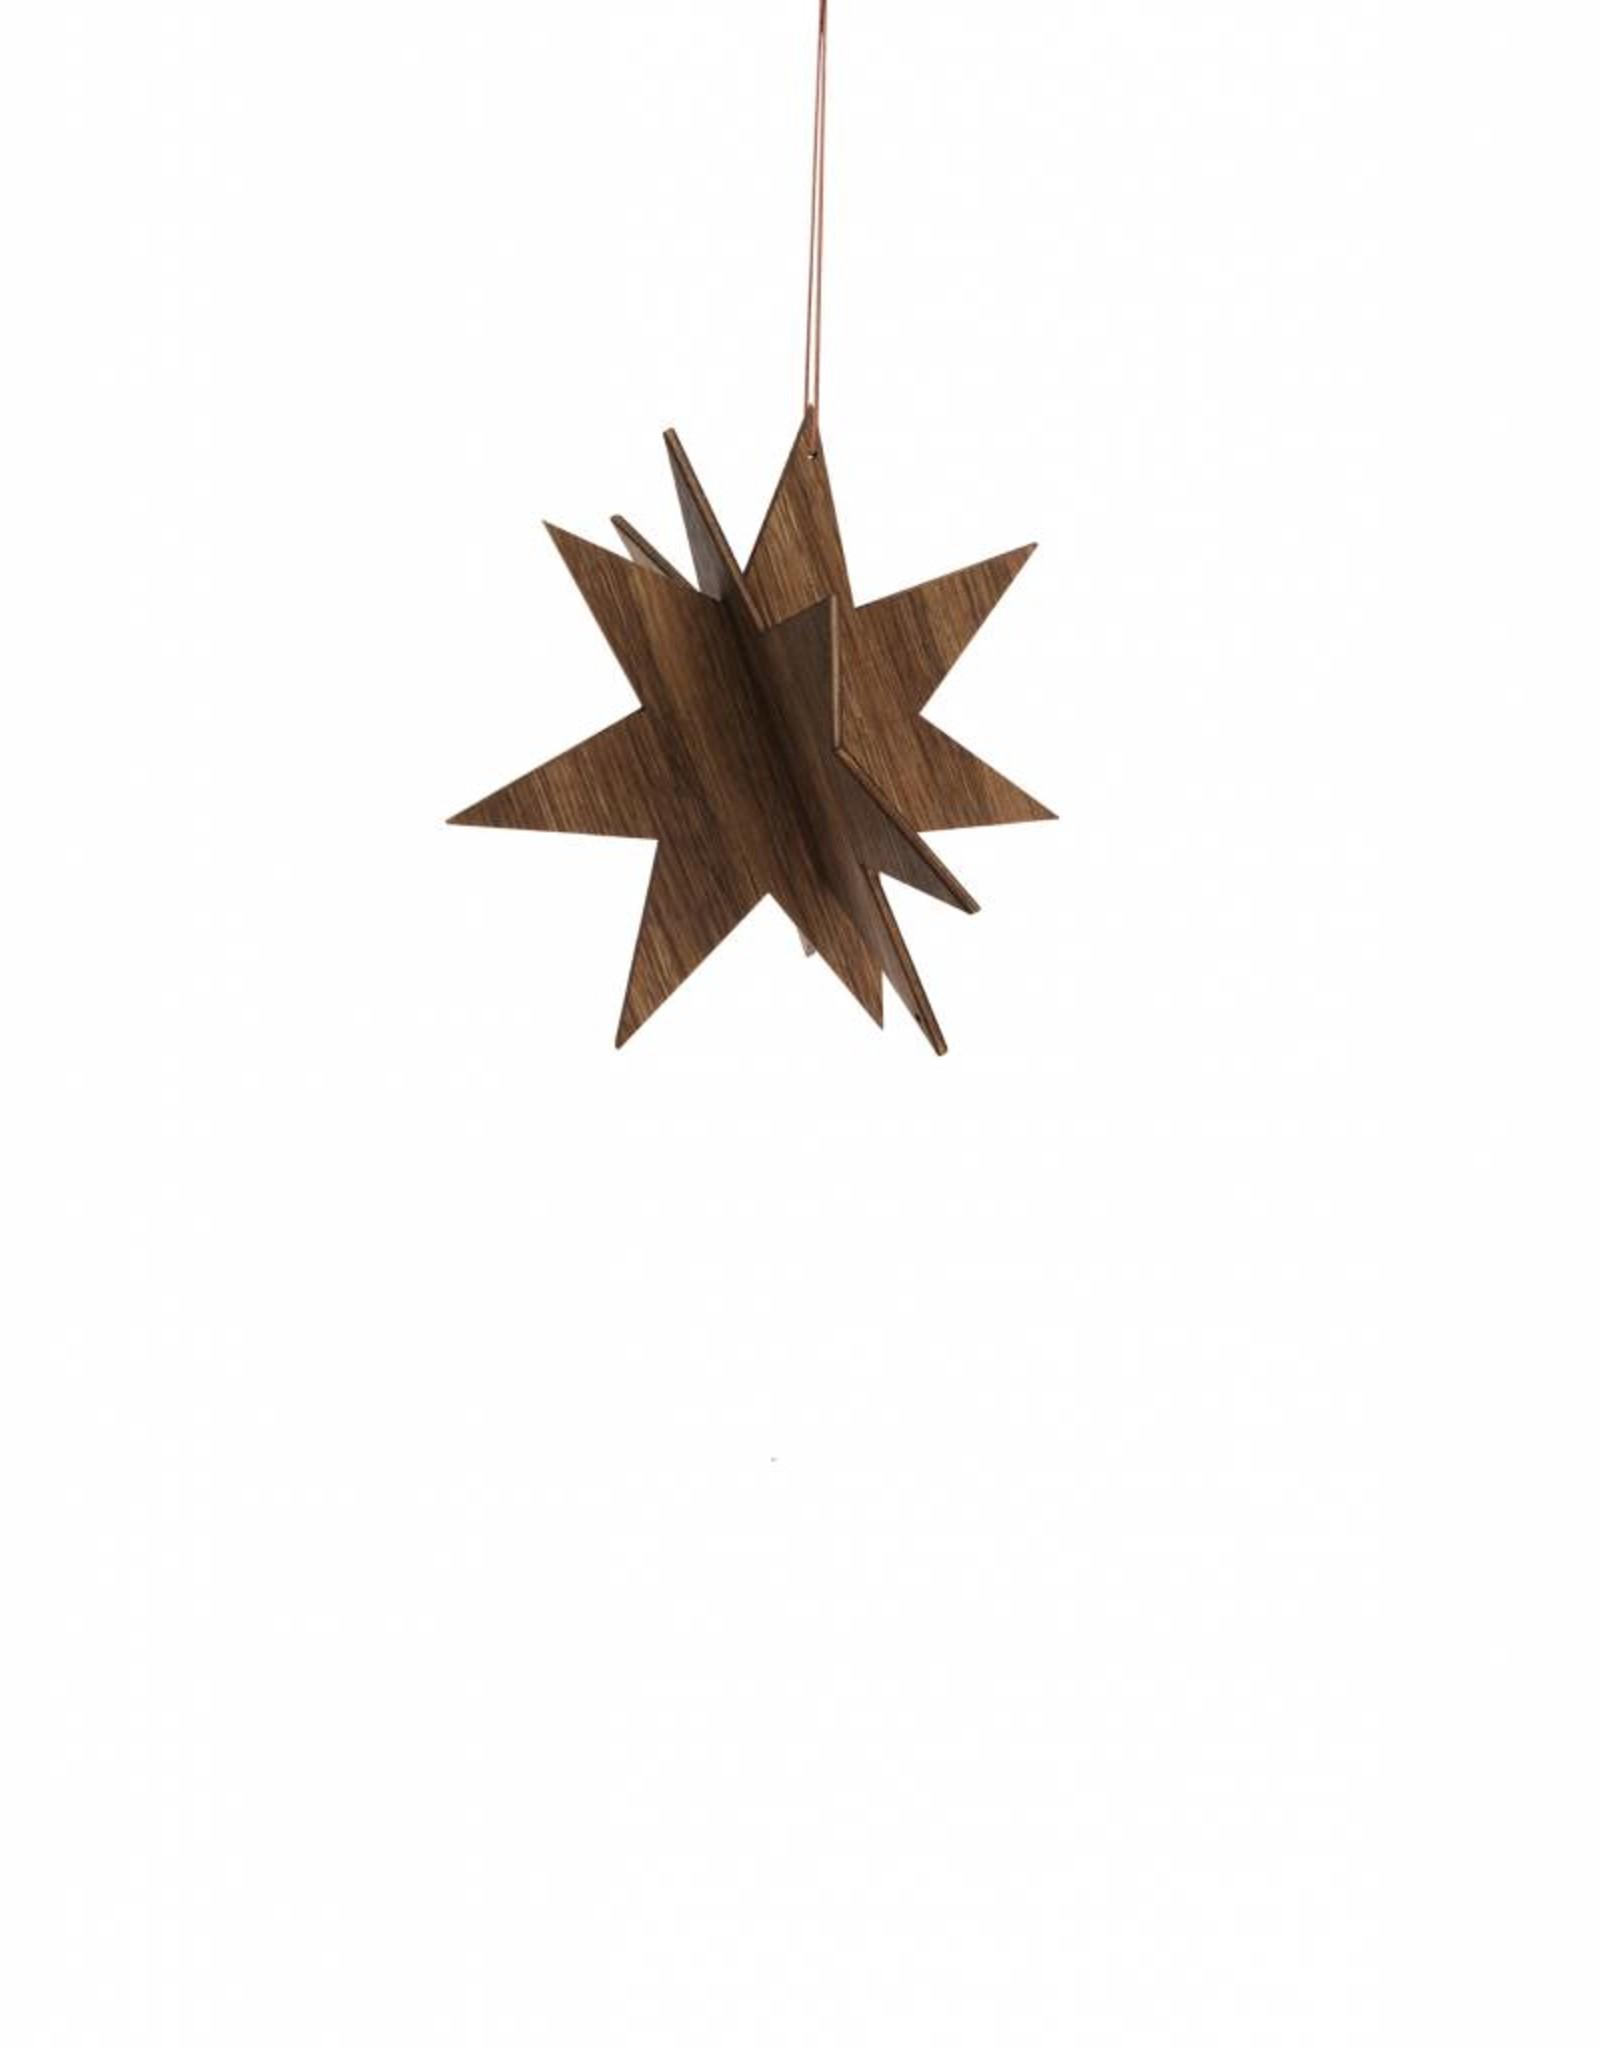 Ferm Living Wooden Star Small - Smoked Oak van Ferm Living